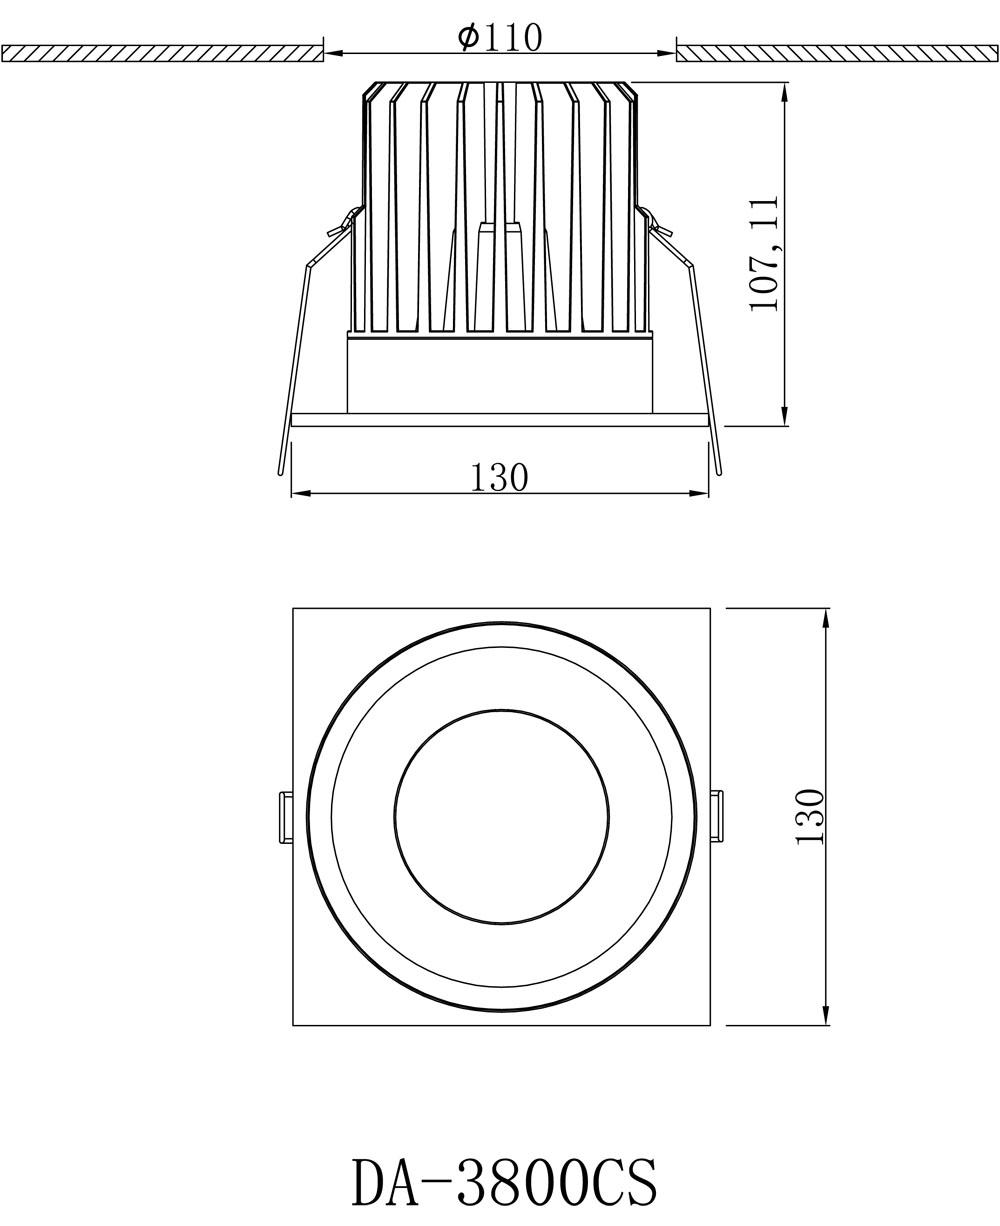 DA-3800CS-尺寸图.jpg